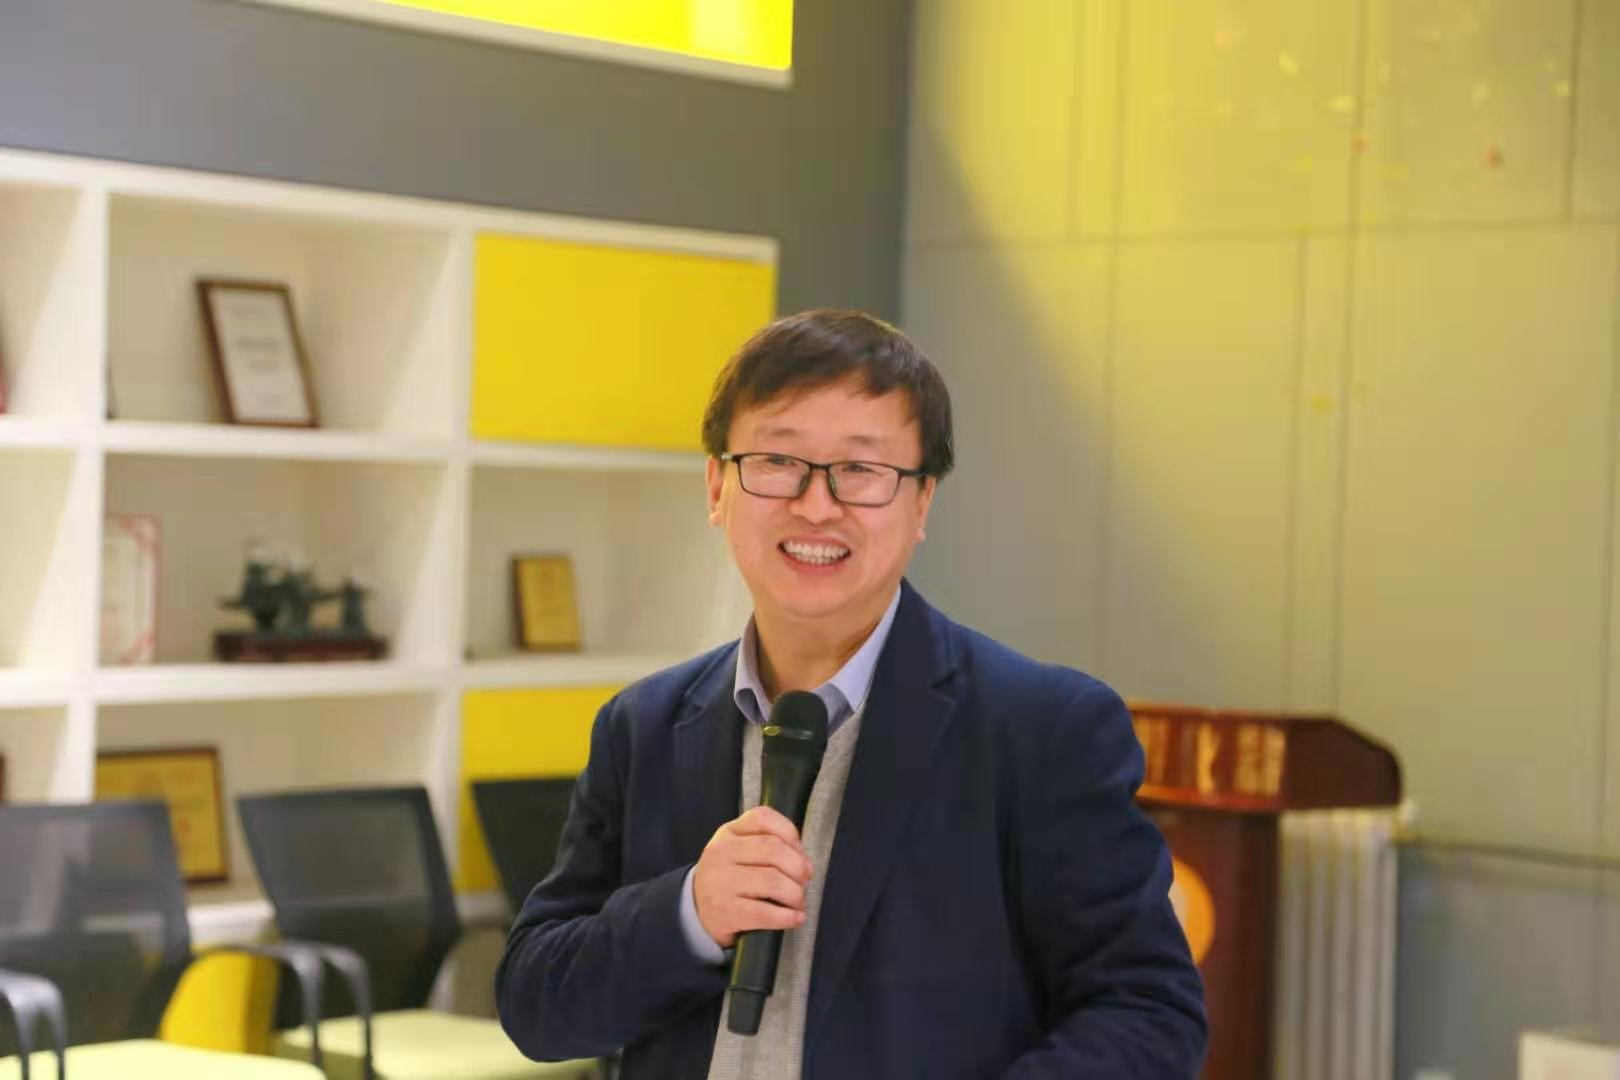 赛智区块链创始人赵刚博士受邀为中关村投资人做《解读总书记讲话看区块链未来发展》的主题演讲